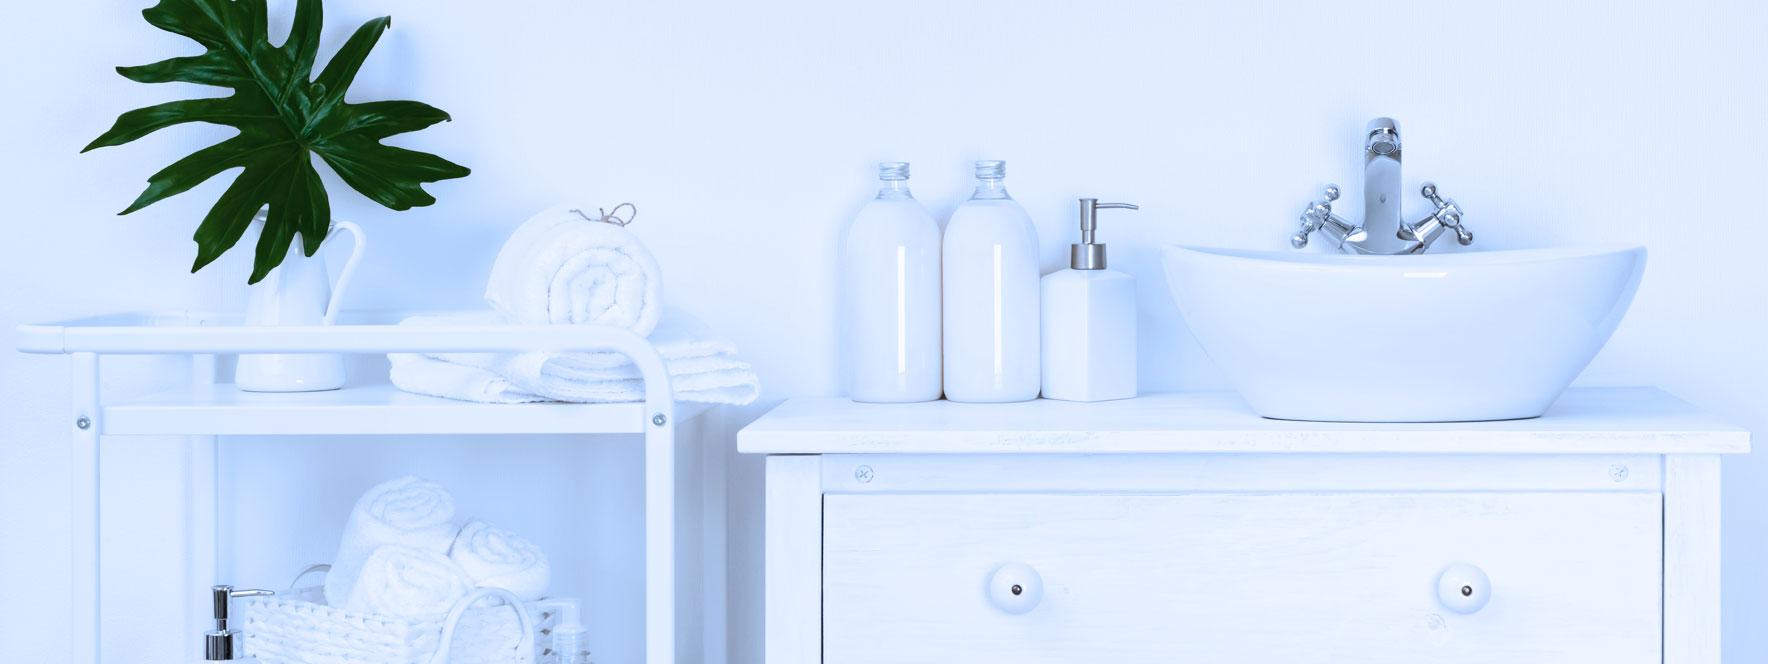 Articles de toilette et hygiène - Blogue du Réseau